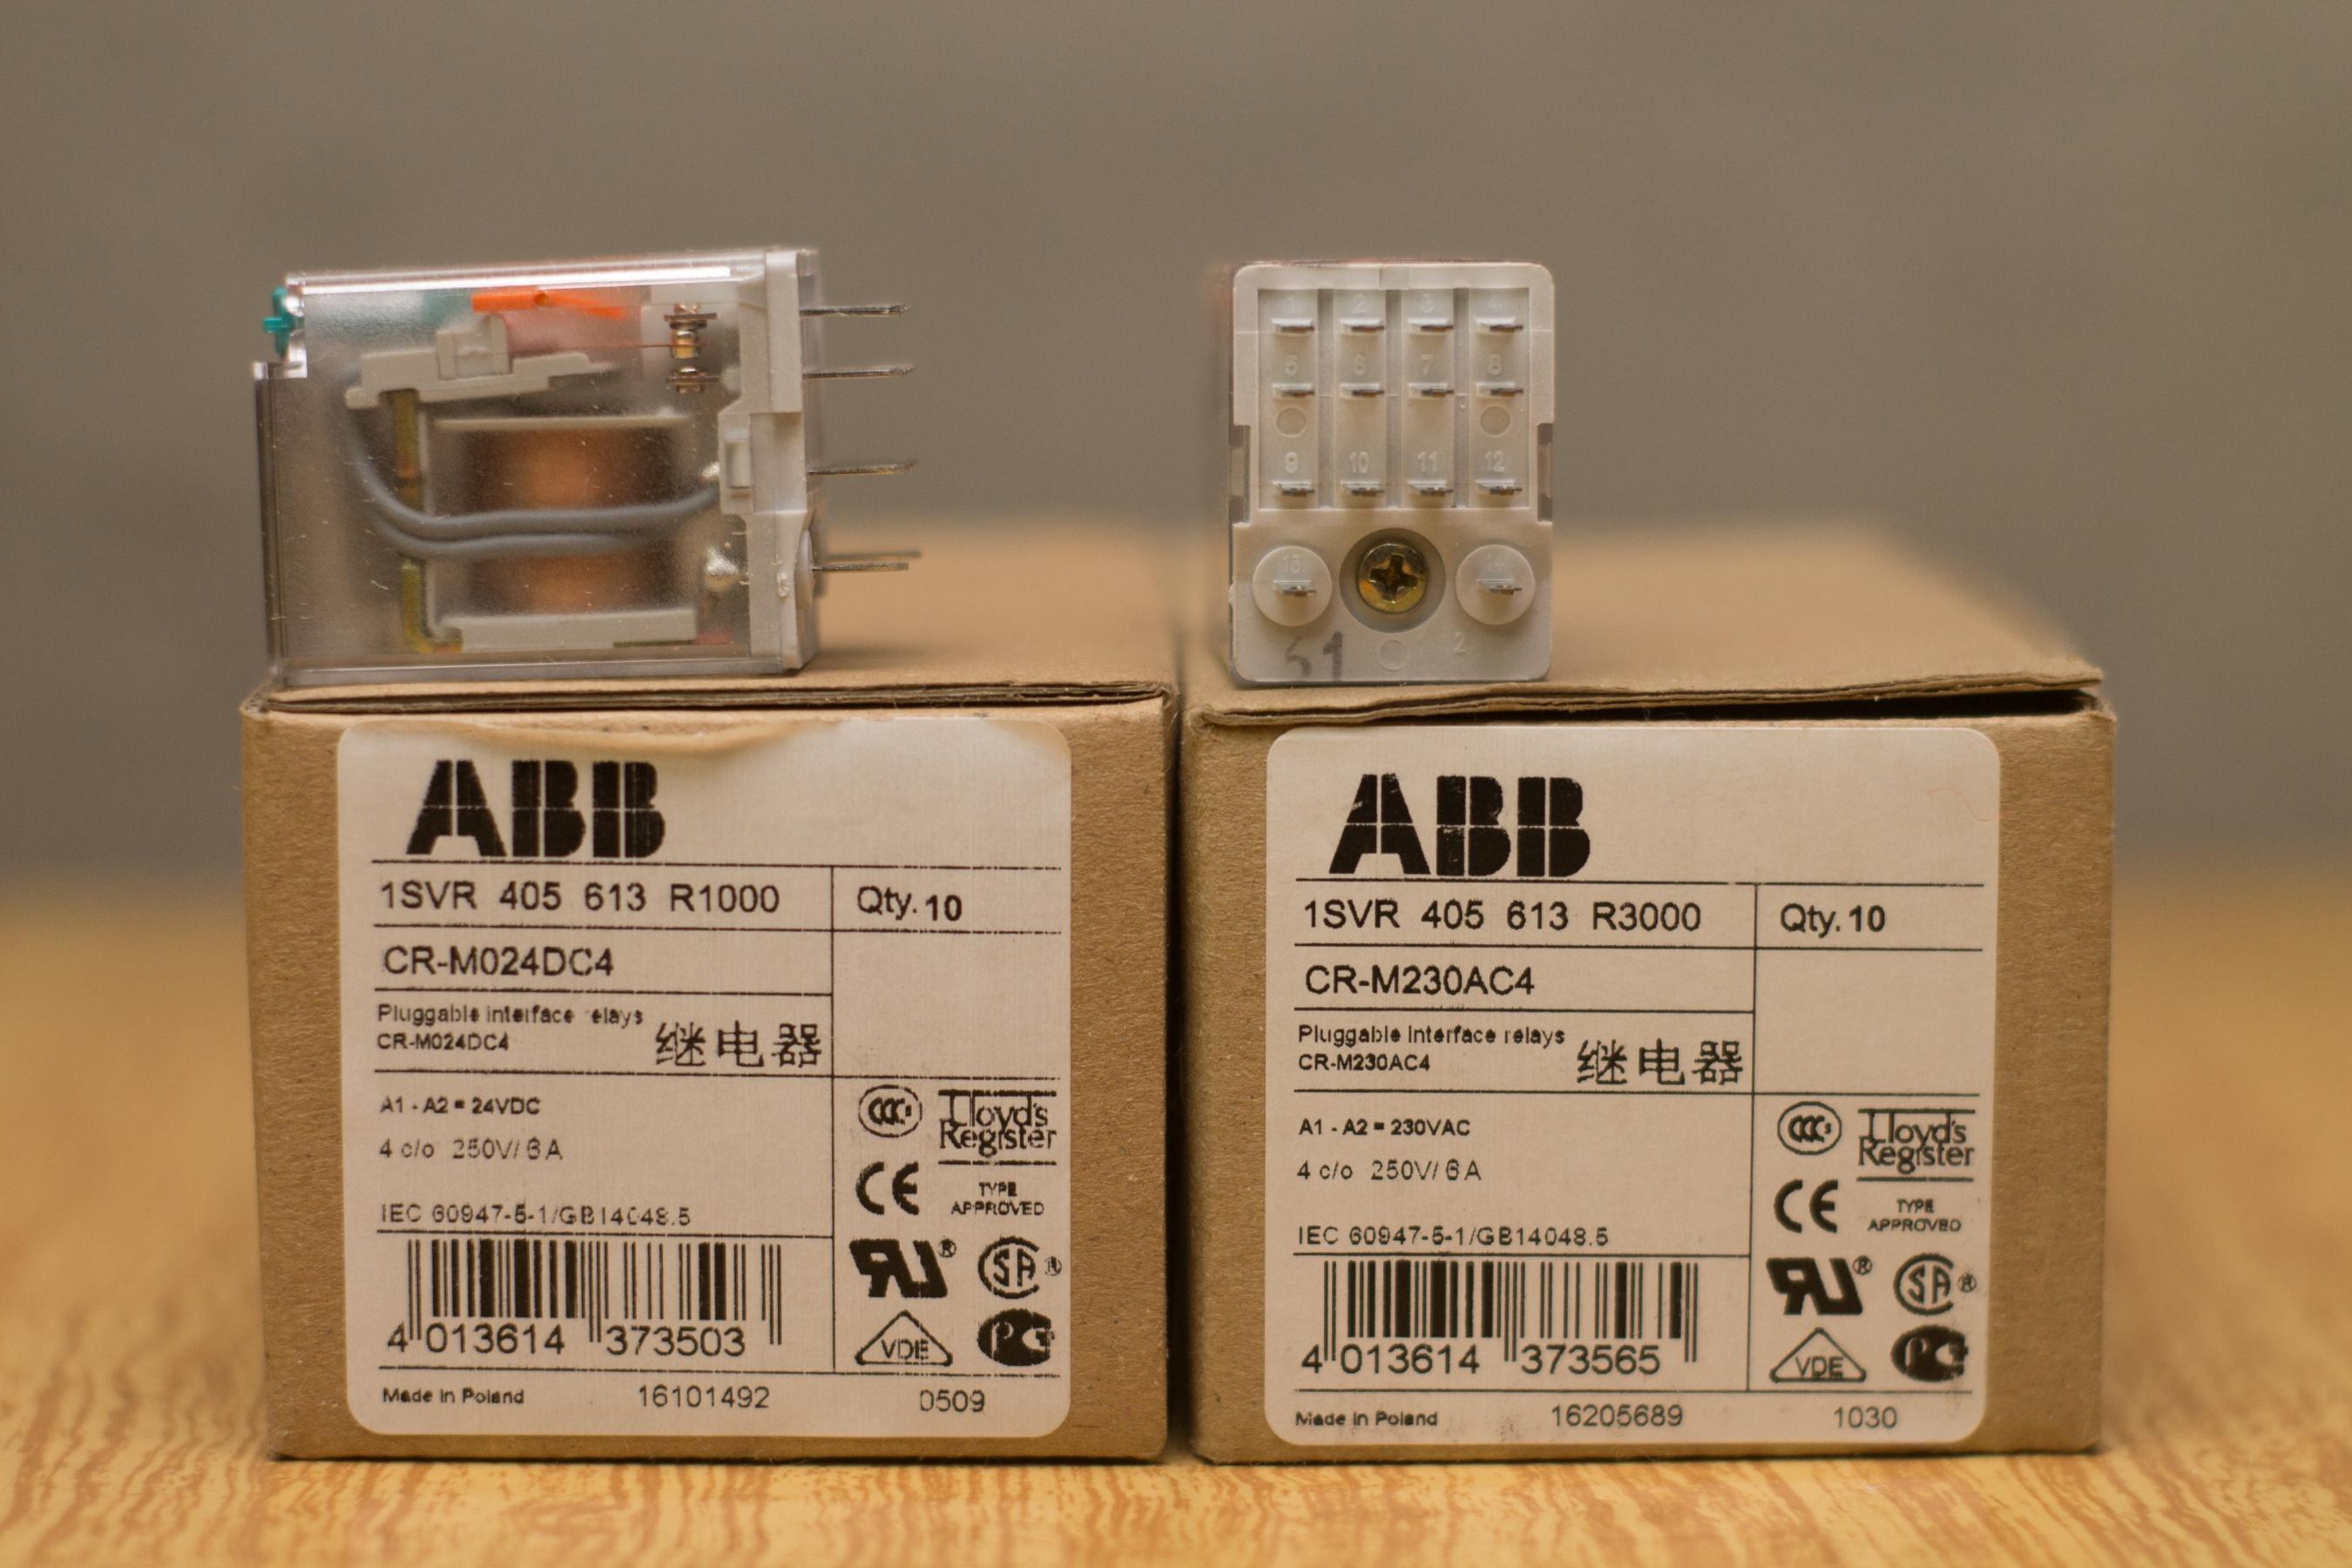 Abb cr m230ac4 описание схема подключения